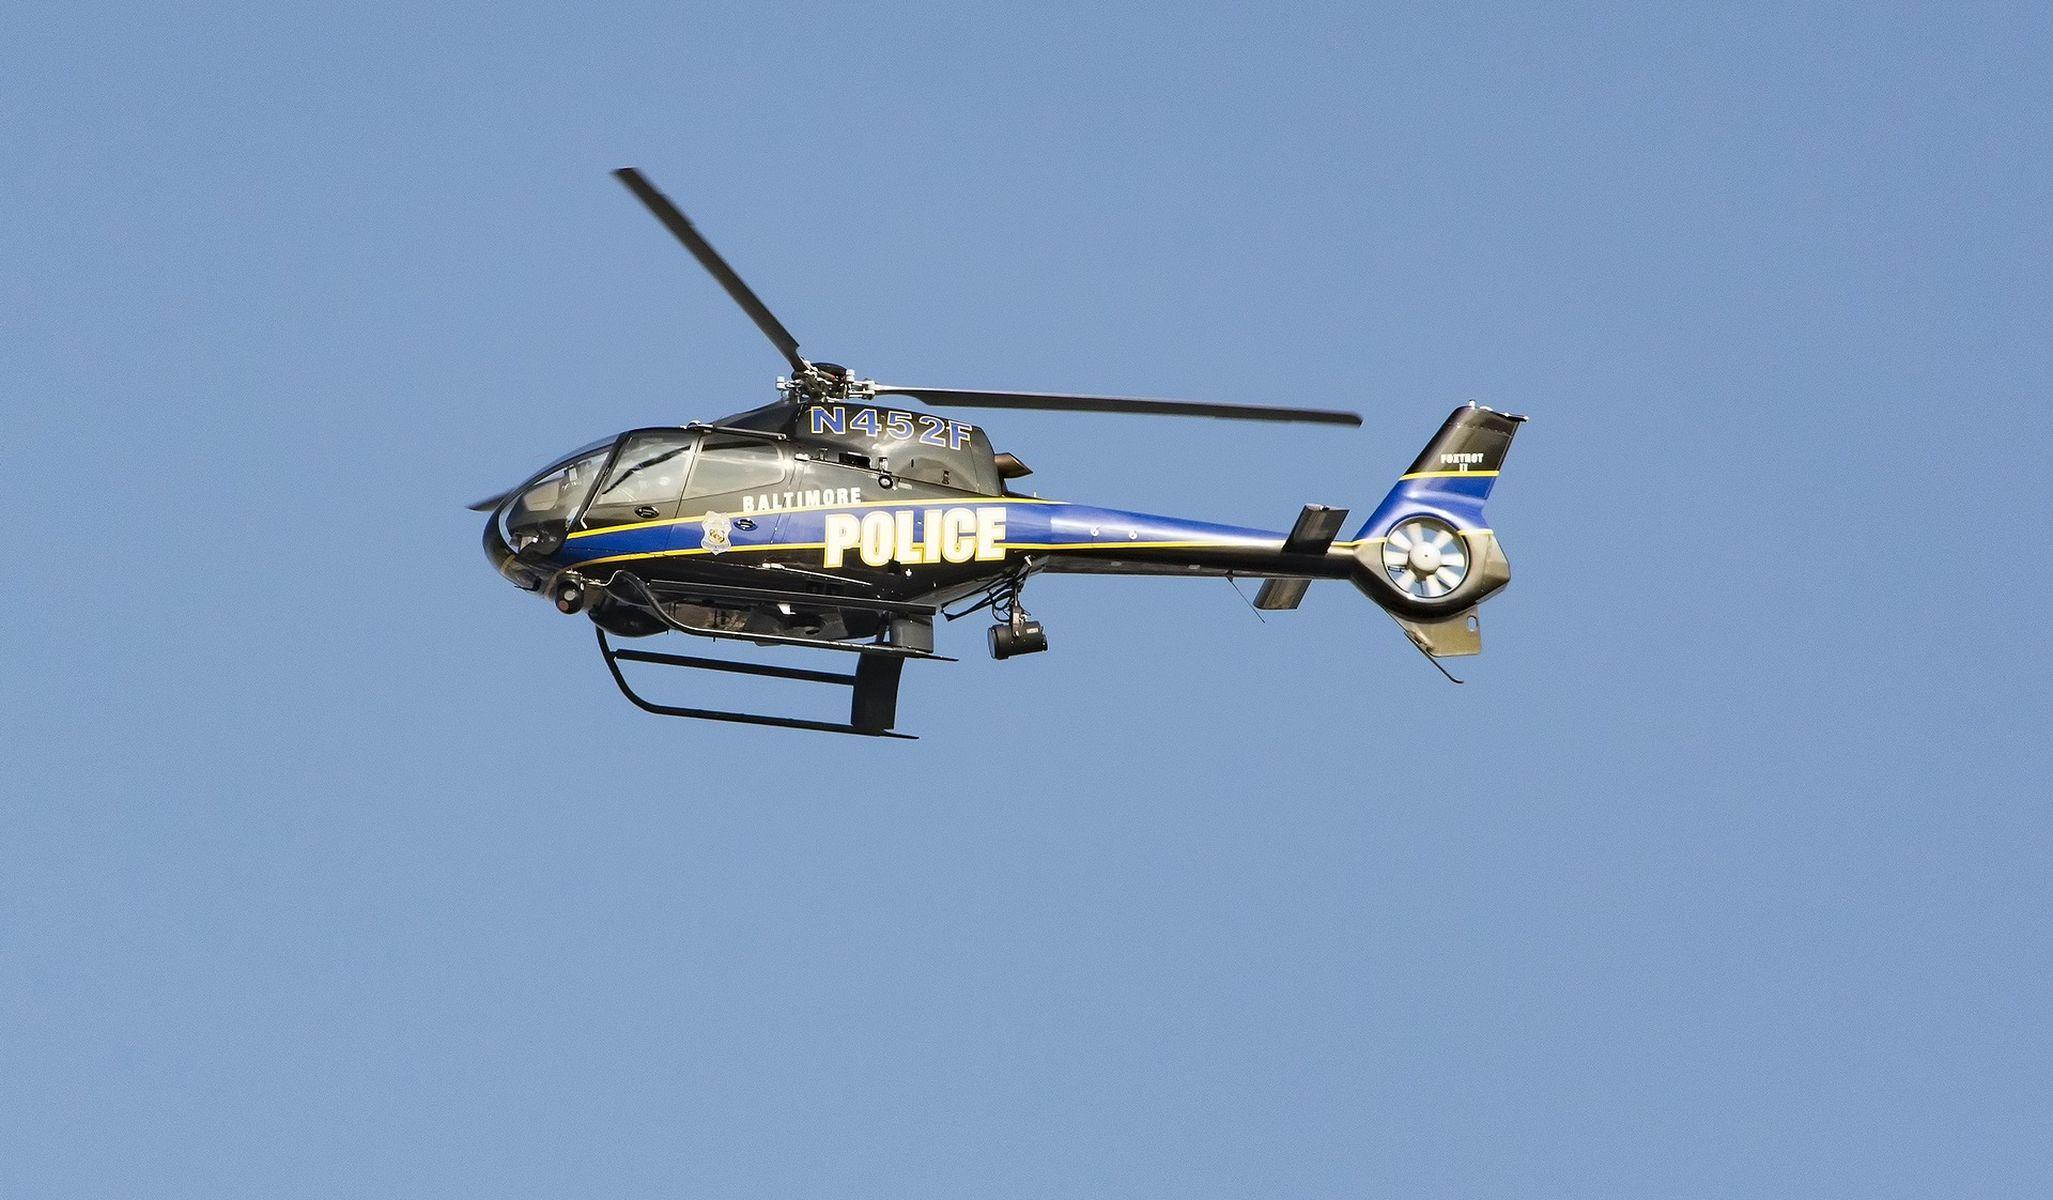 TURSKA Pao policijski helikopter, ostaci helikoptera još nisu pronađeni